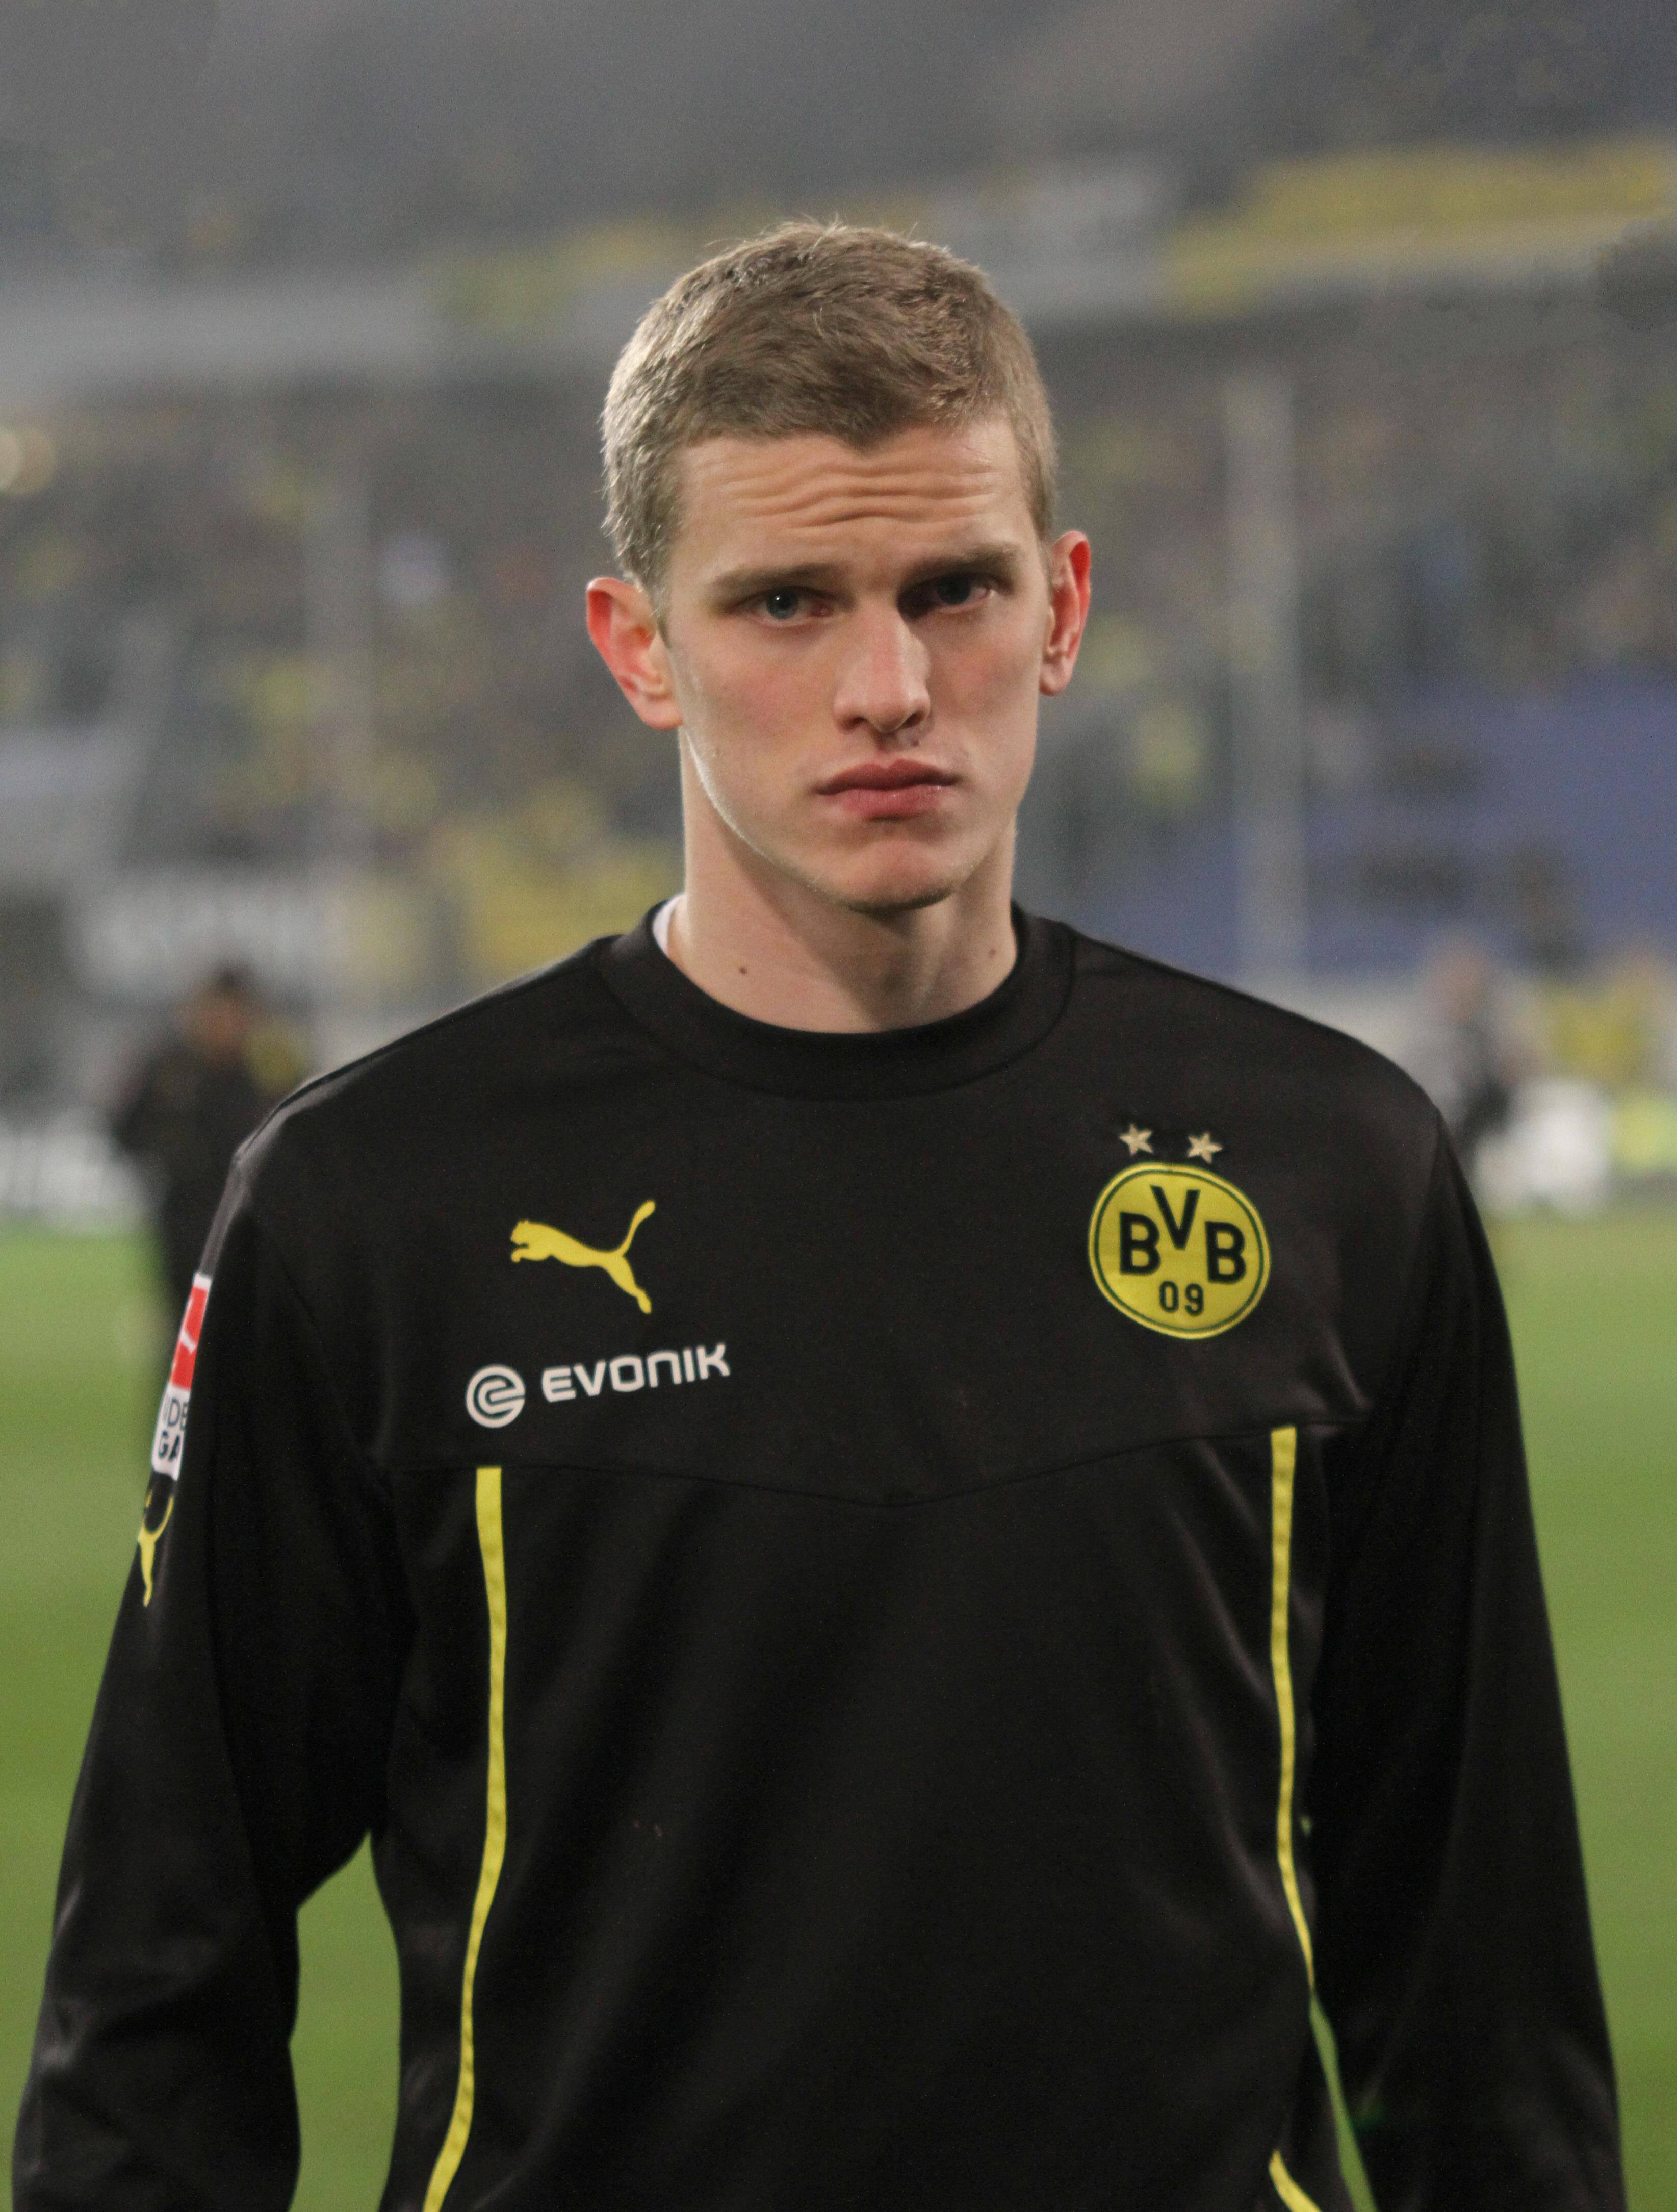 Sven Bender - Wikipedia